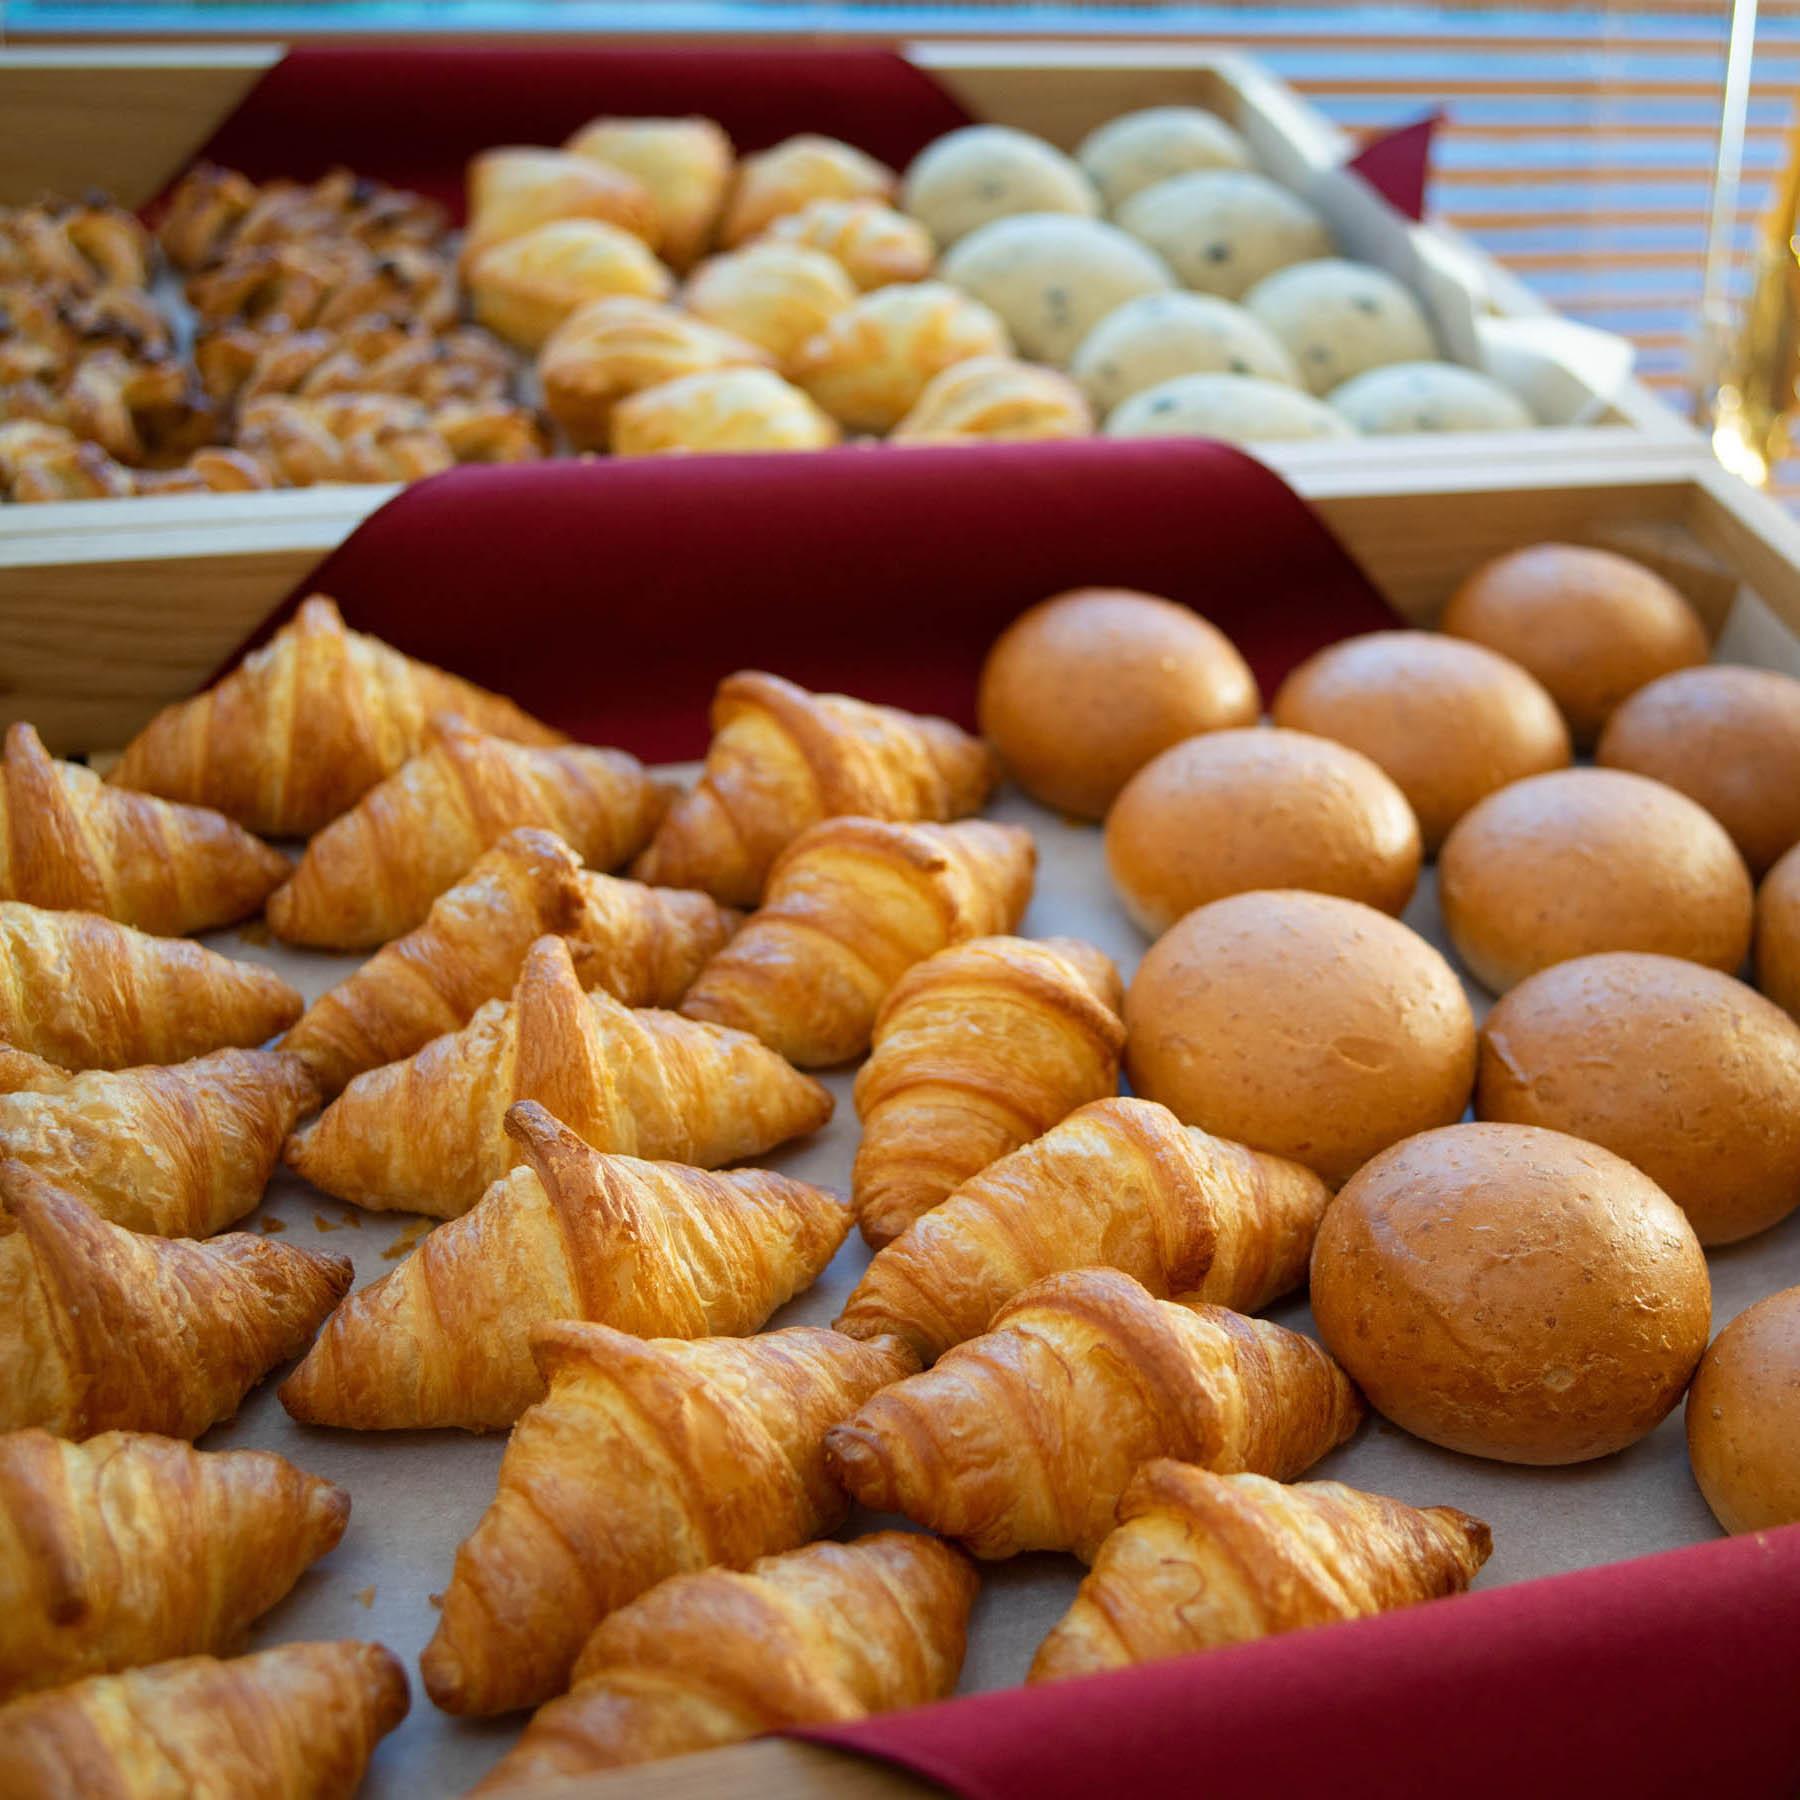 ★当館のパンは当日、館内で焼いたものを提供しております!